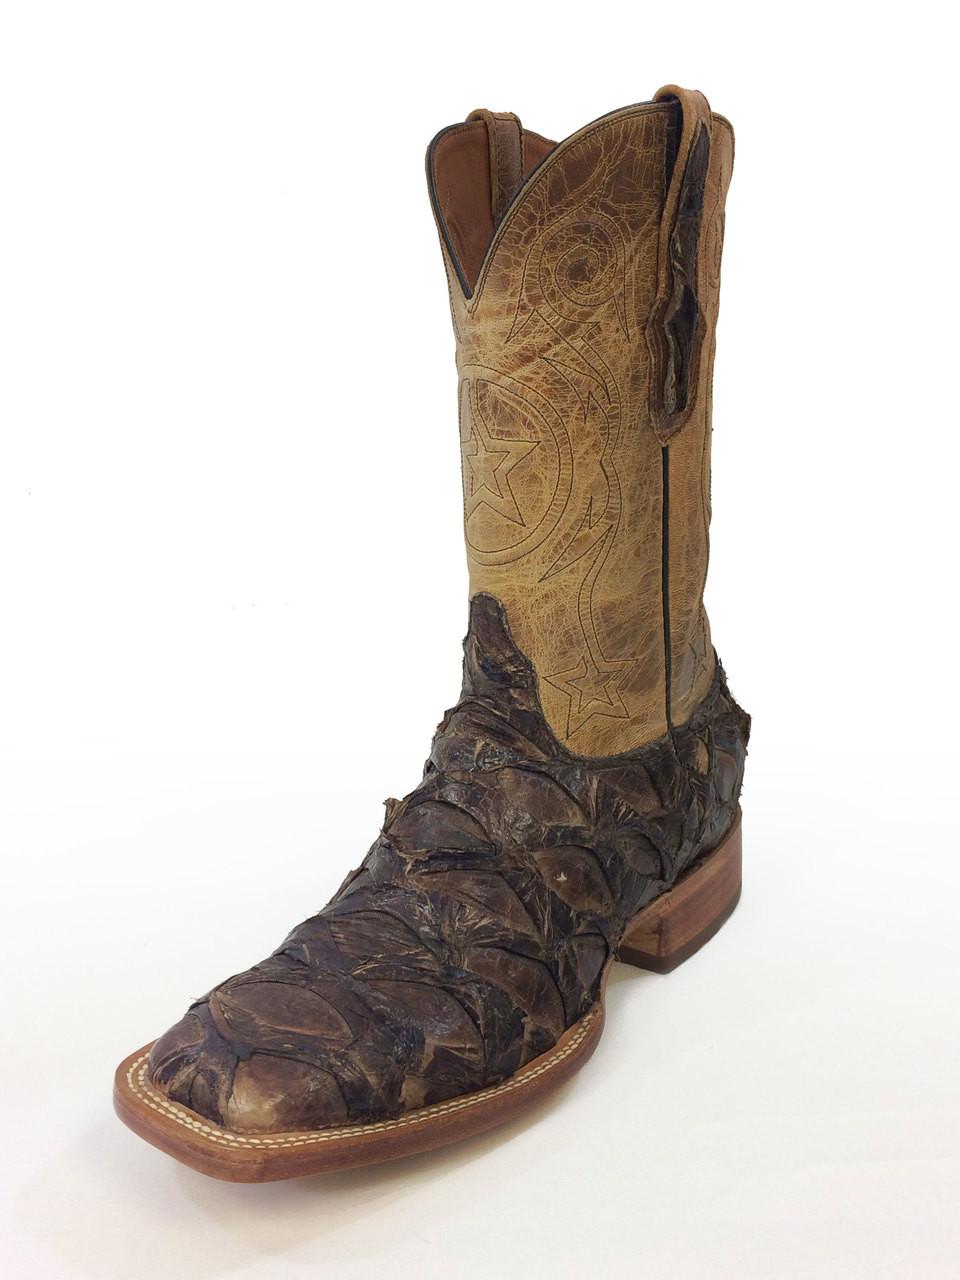 Black Jack Boots - Pirarucu #682-96